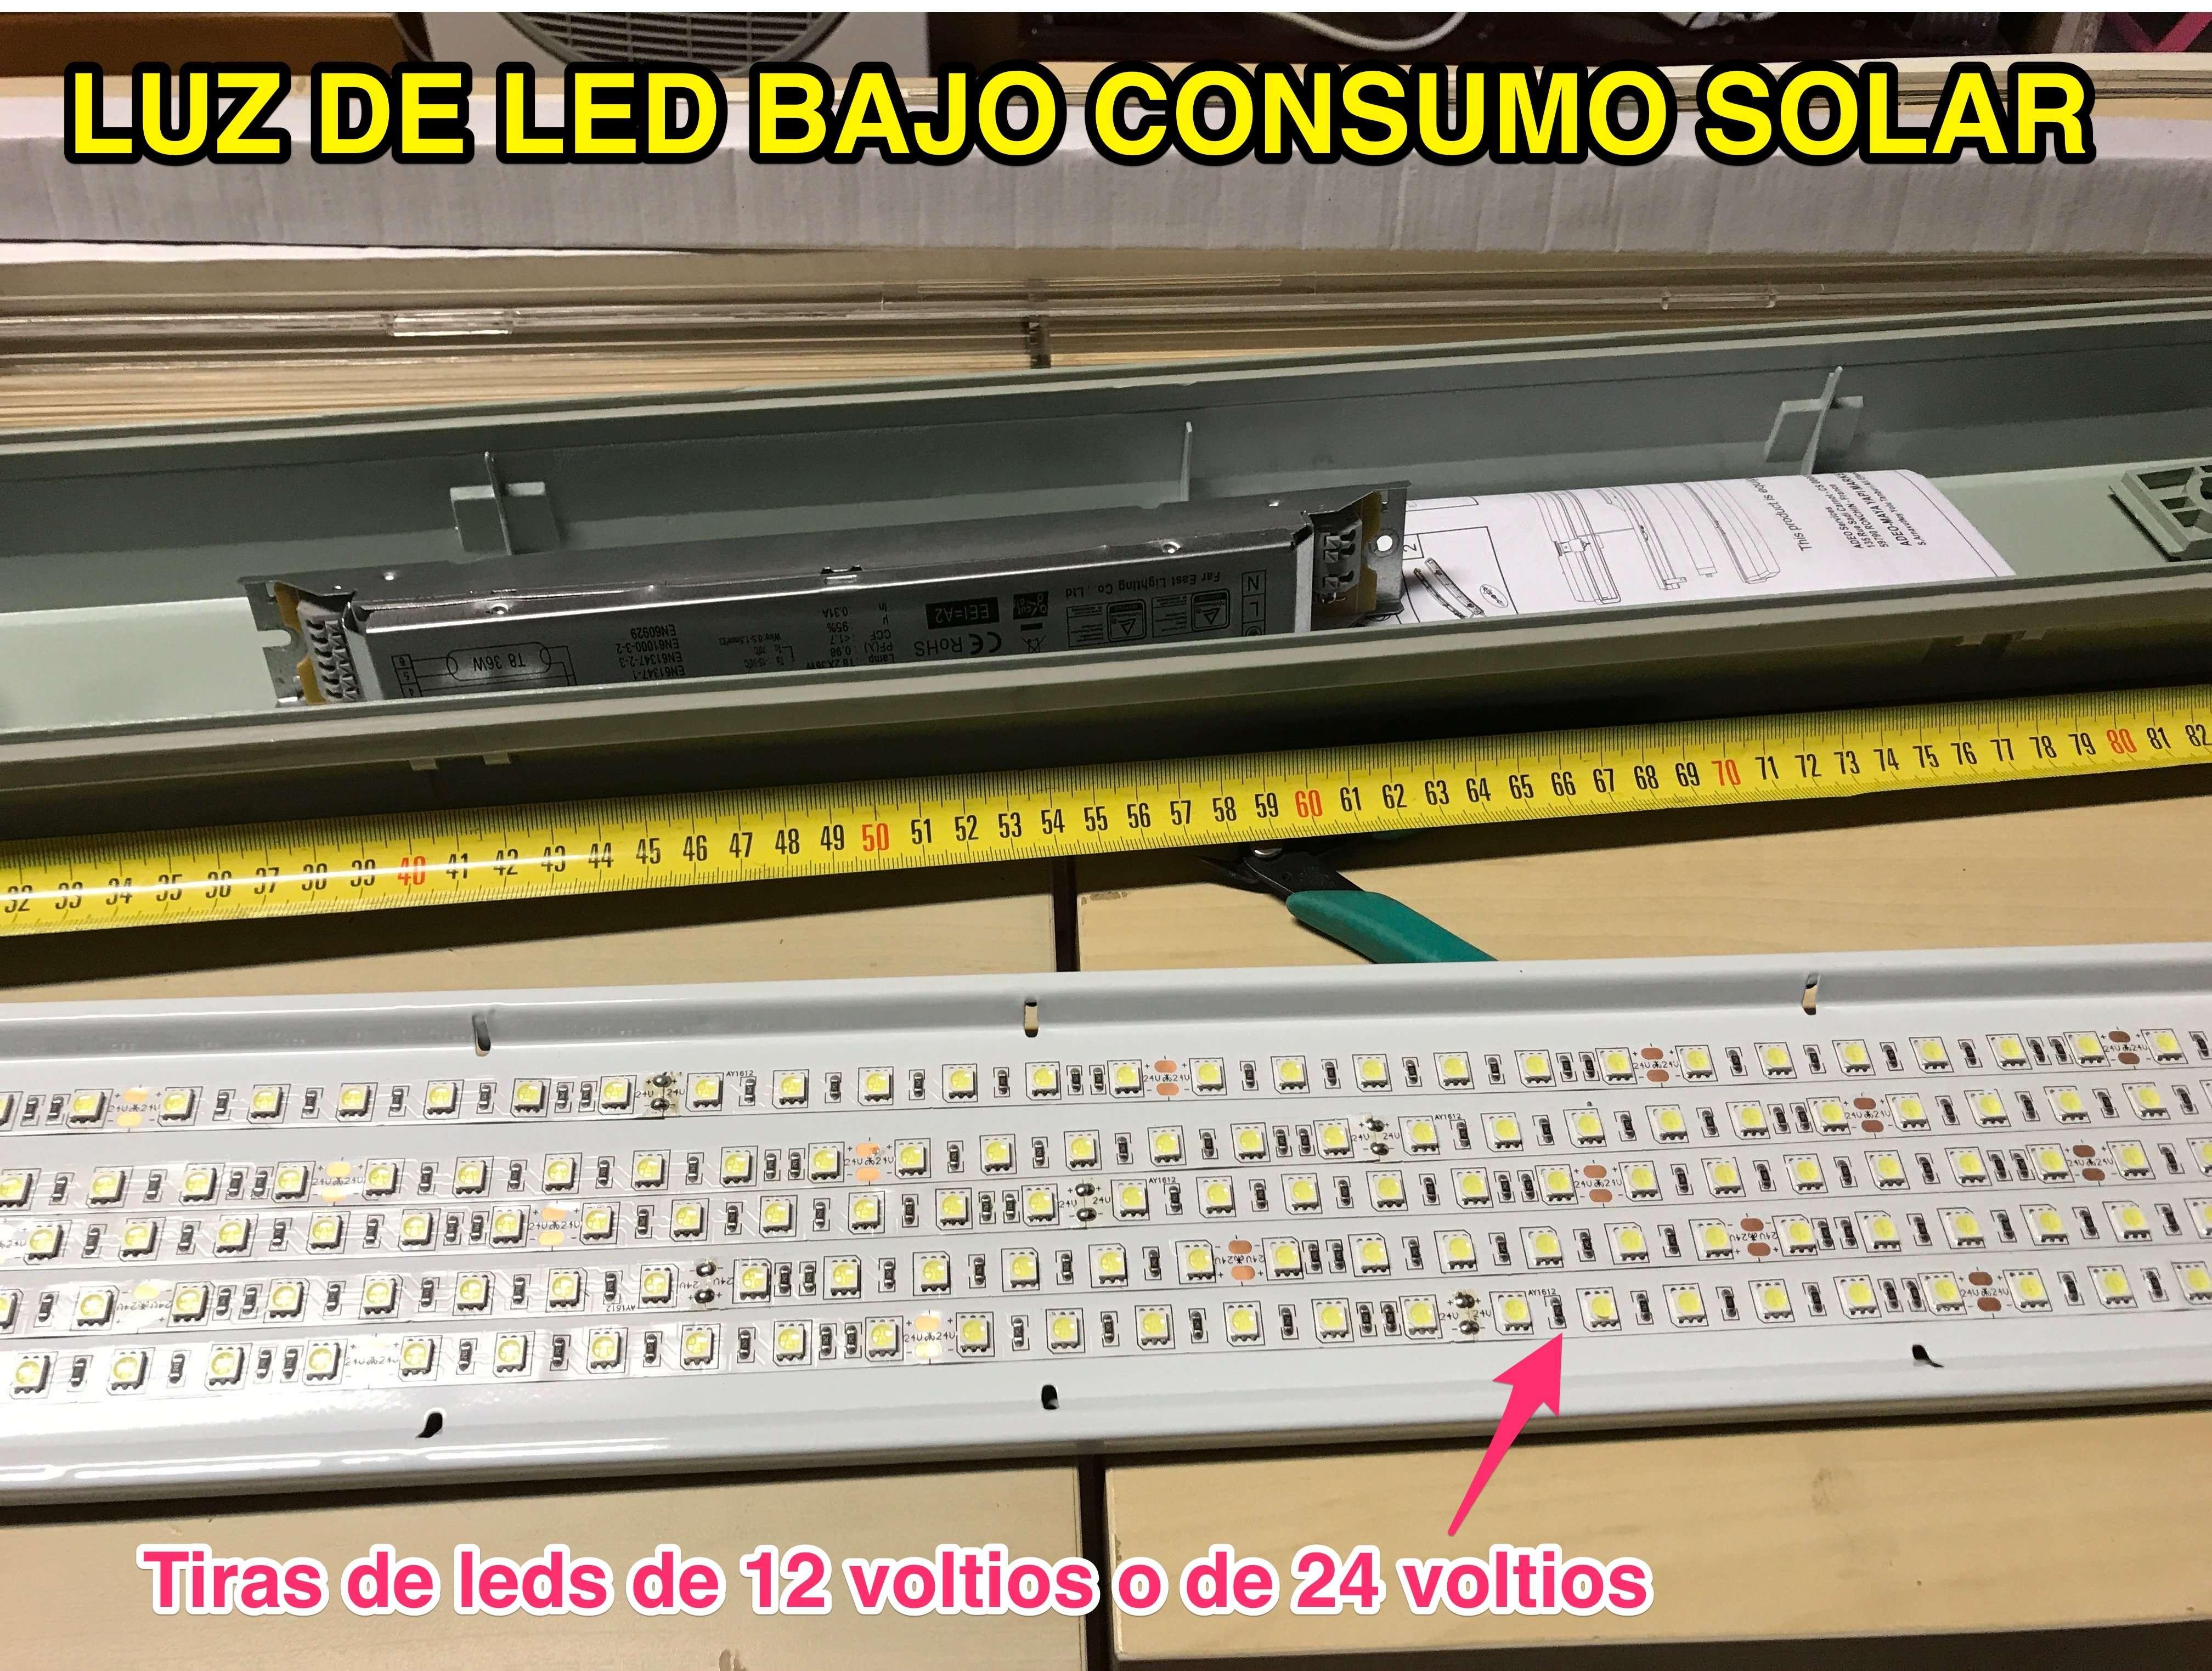 Construcción de luz solar de bajo consumo a diodos leds